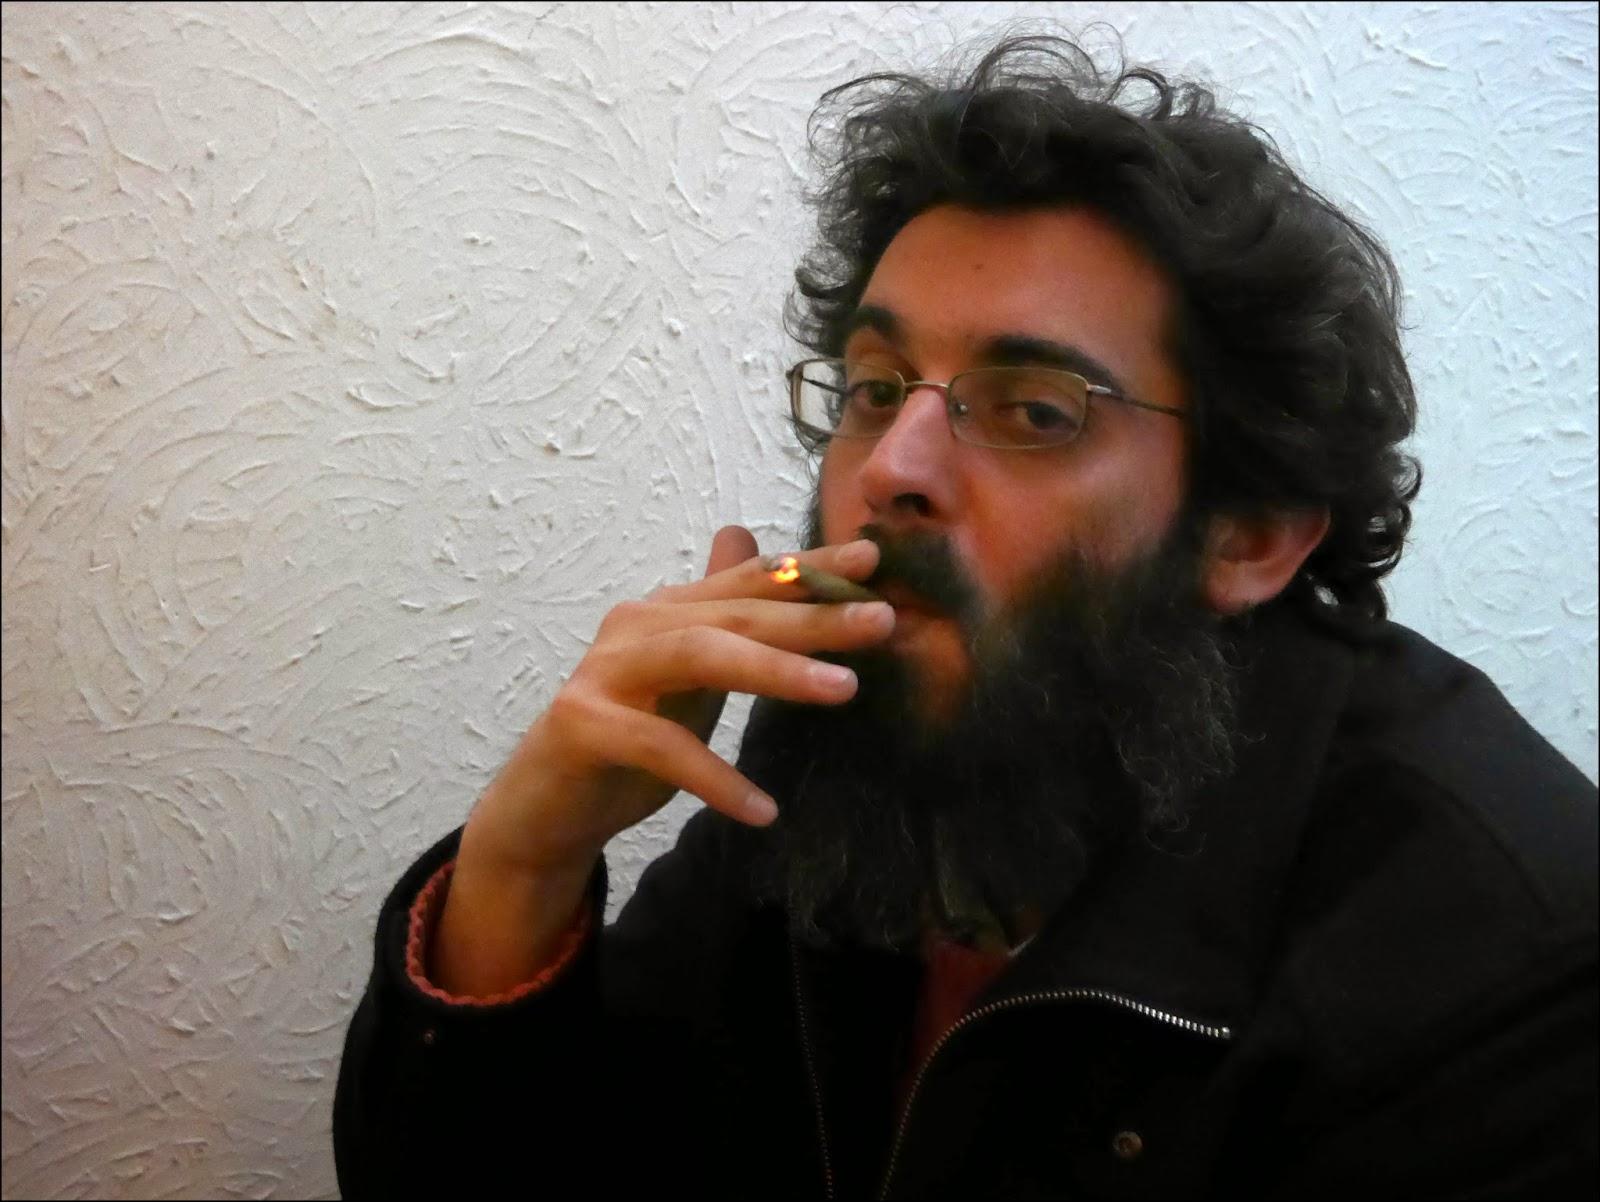 http://murraymag.com/cultura/entrevista-jesus-malia/